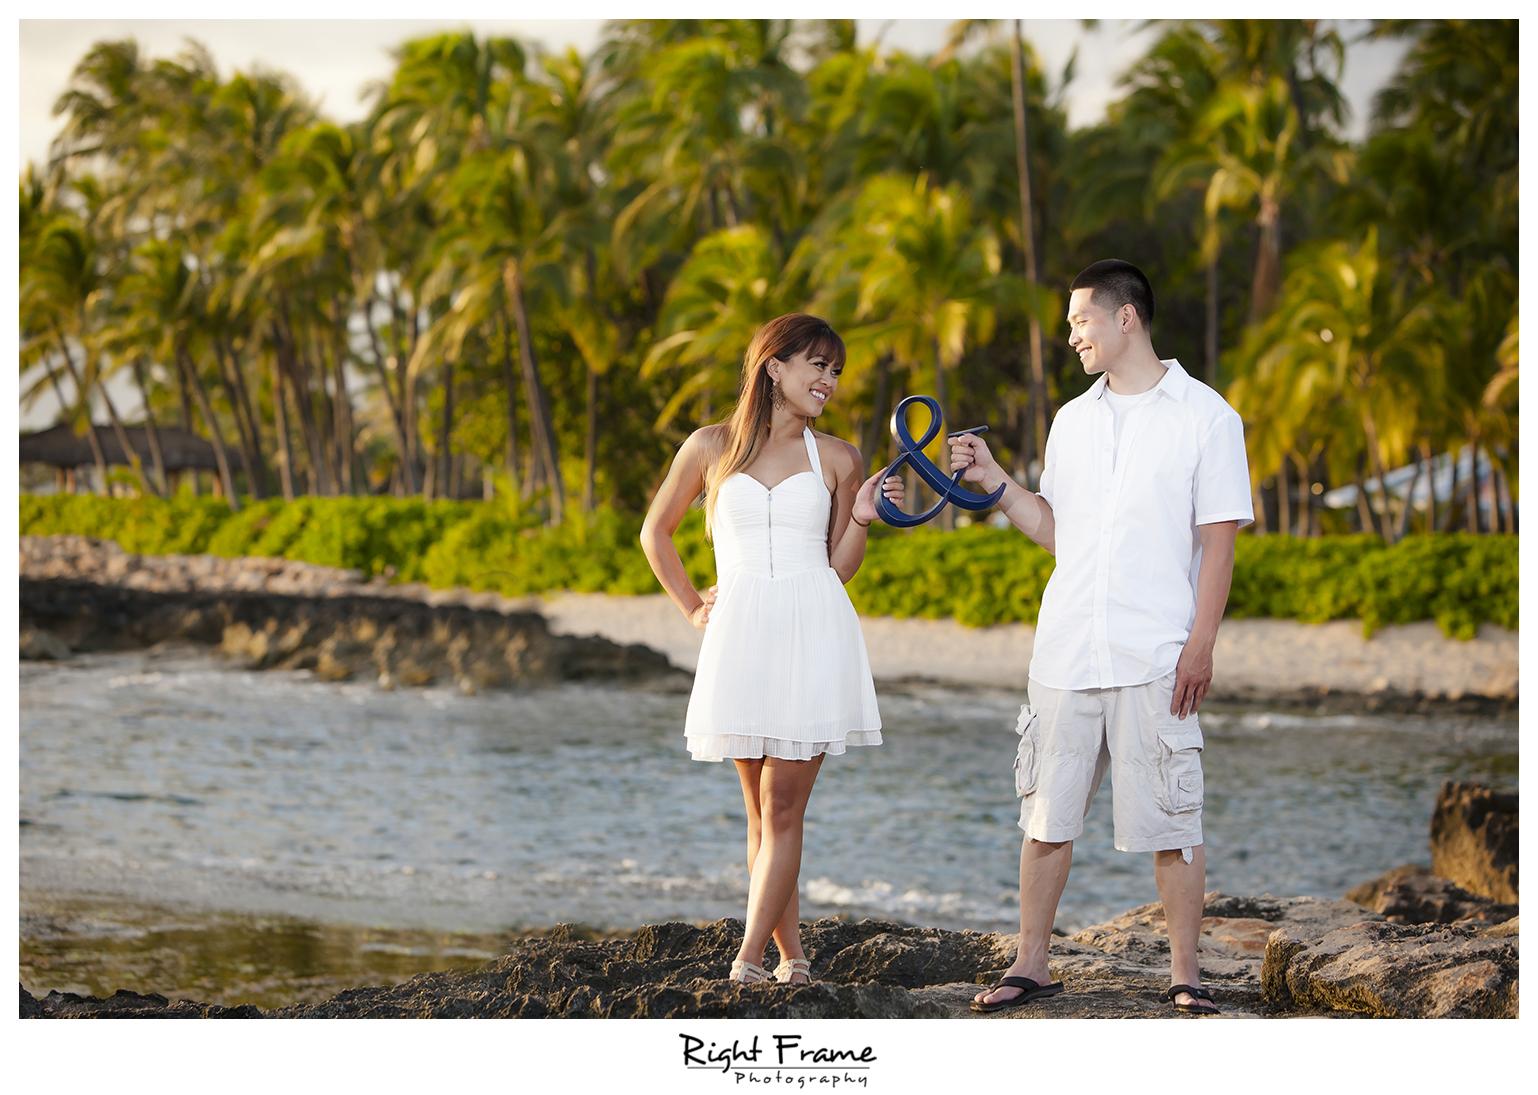 008_honolulu_engagement_photographers